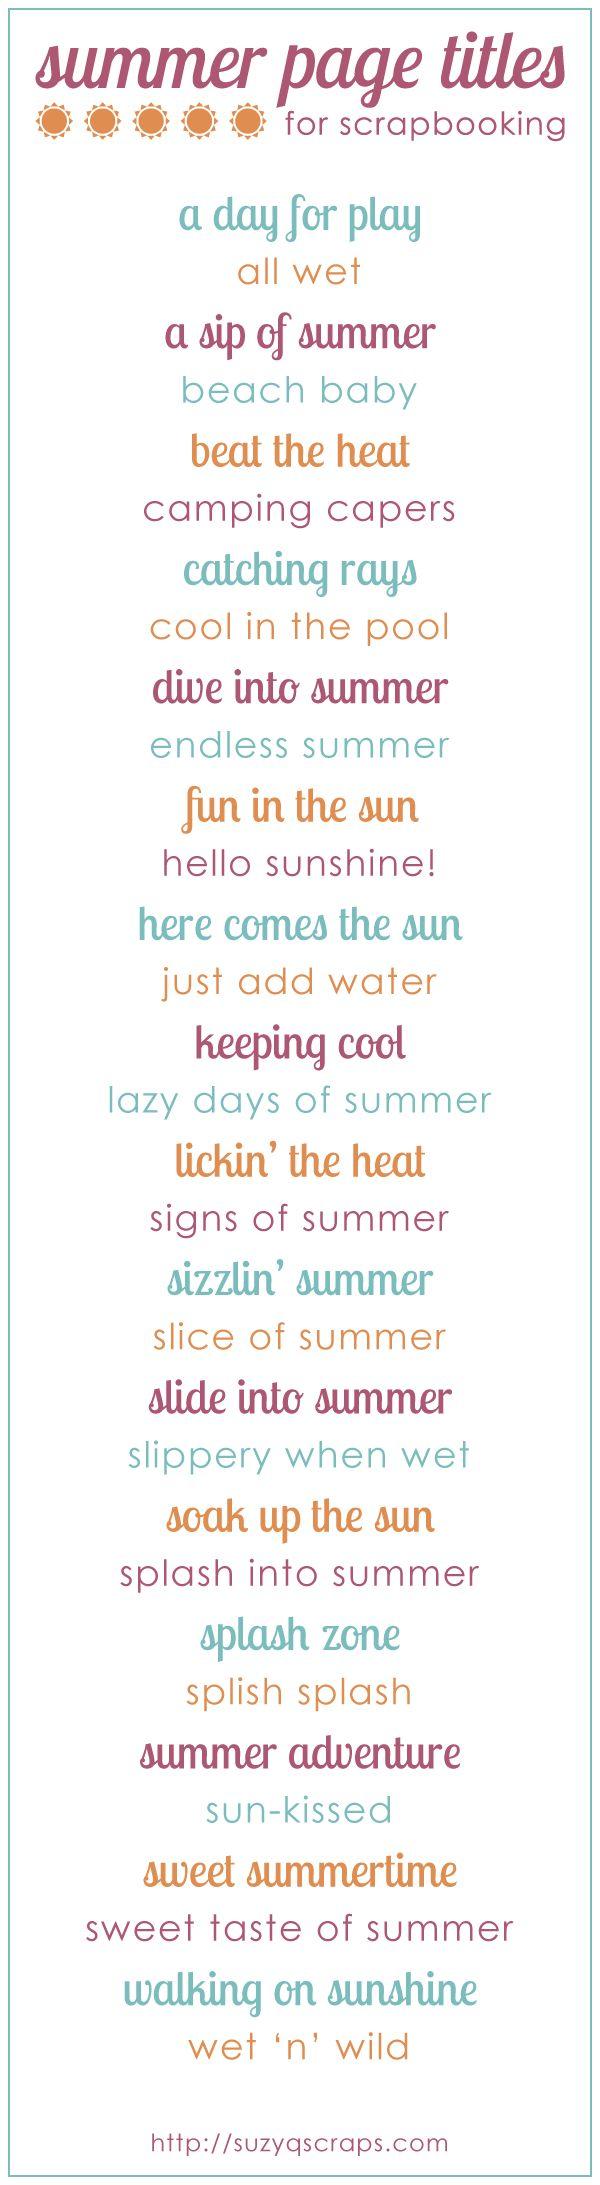 summer scrapbook idea | summer scrapbook page titles